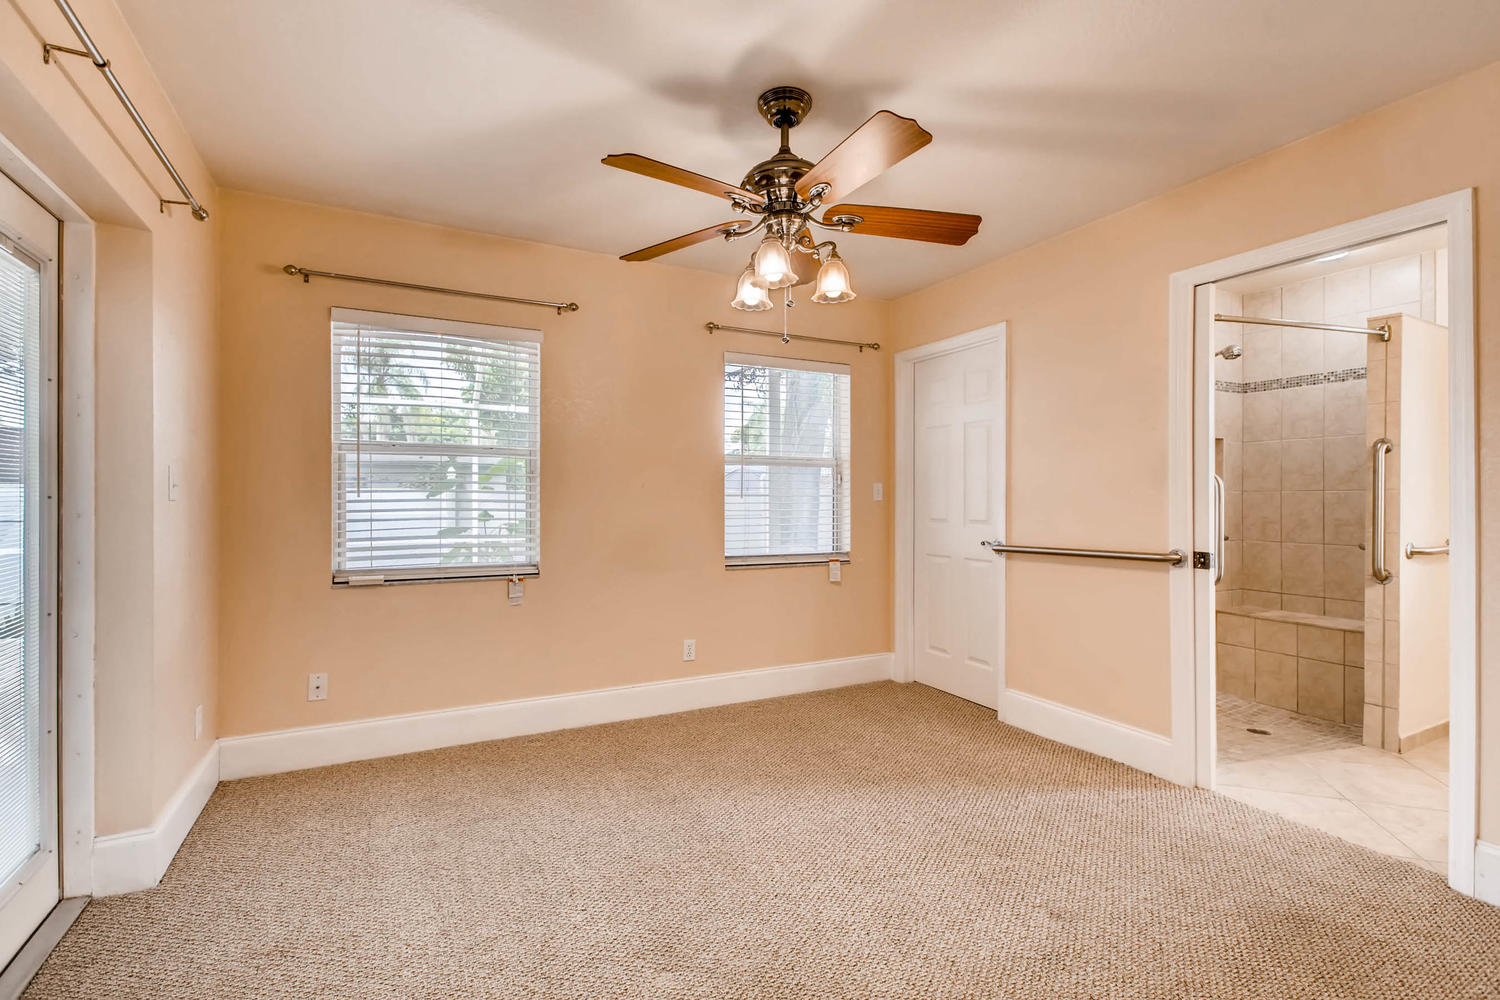 Photo of 11375 68th Ave, Seminole, FL, 33772